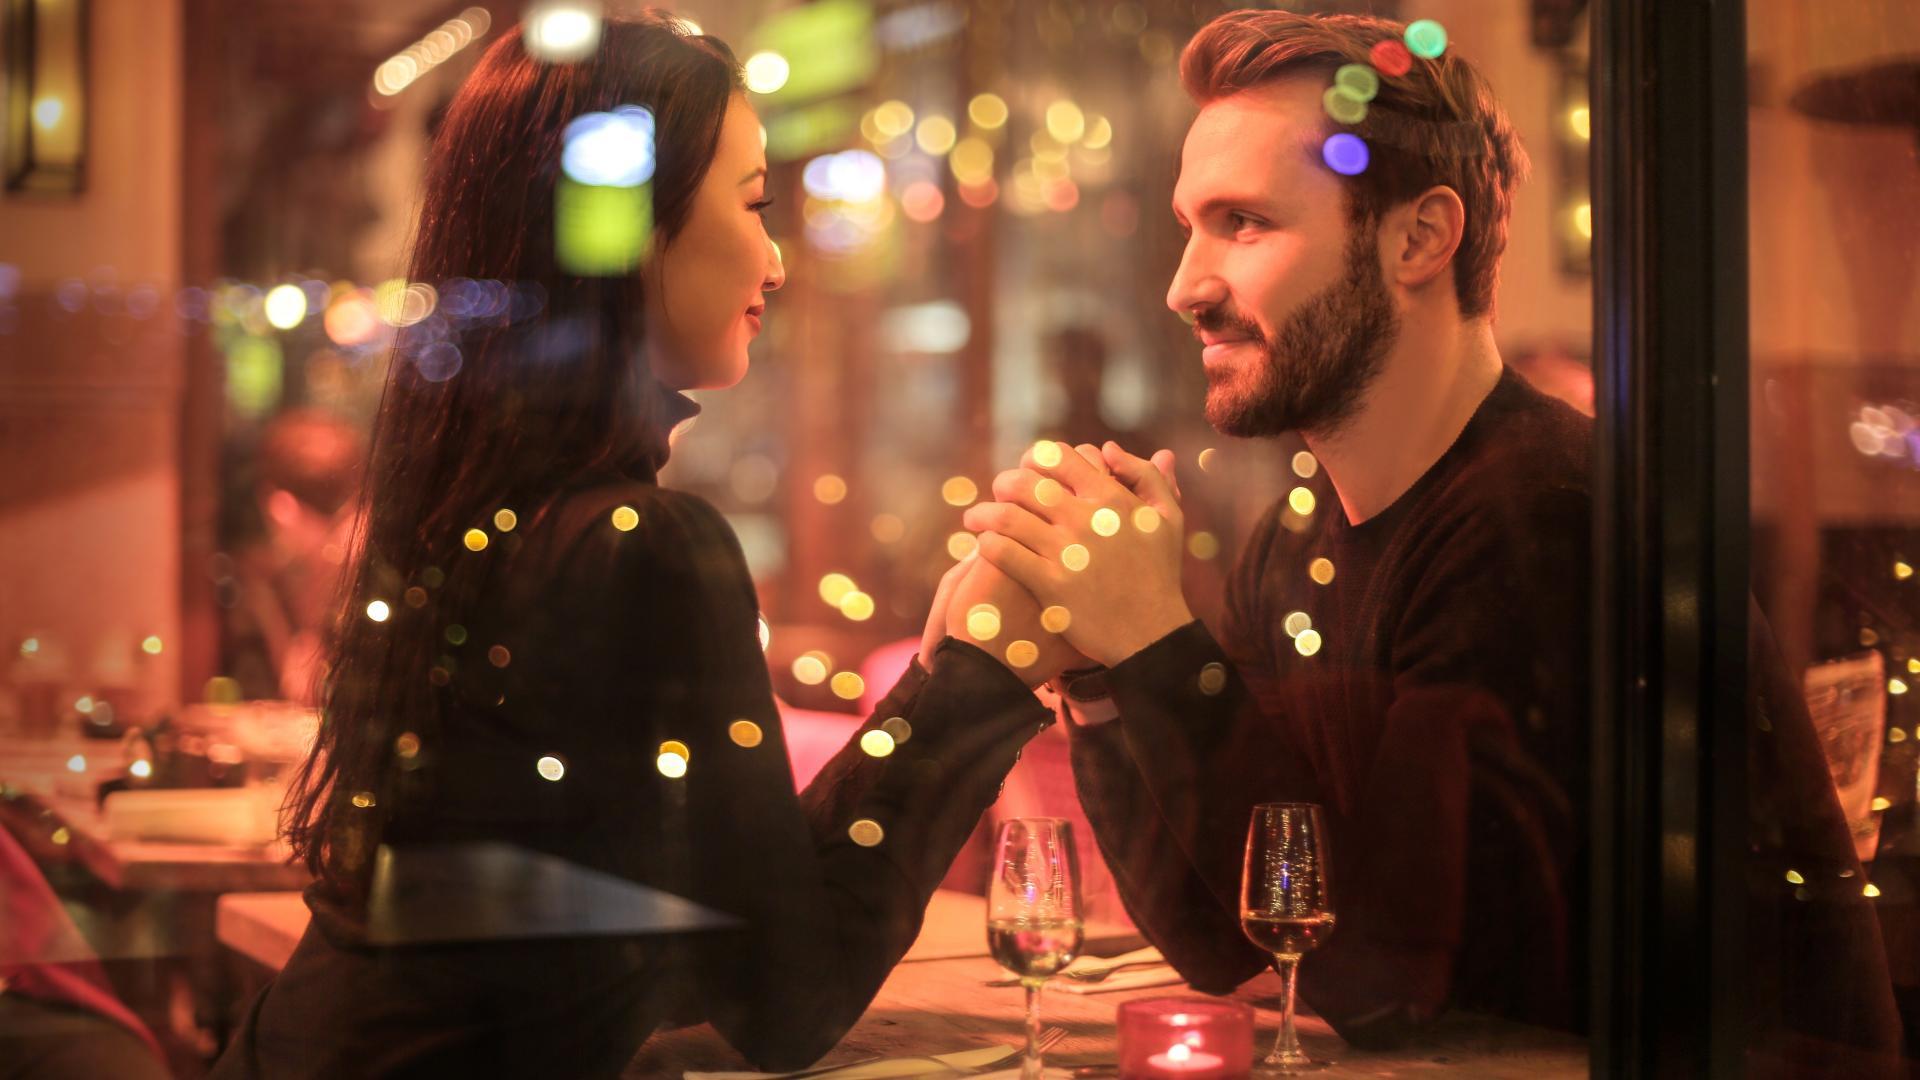 Frau und Mann Date